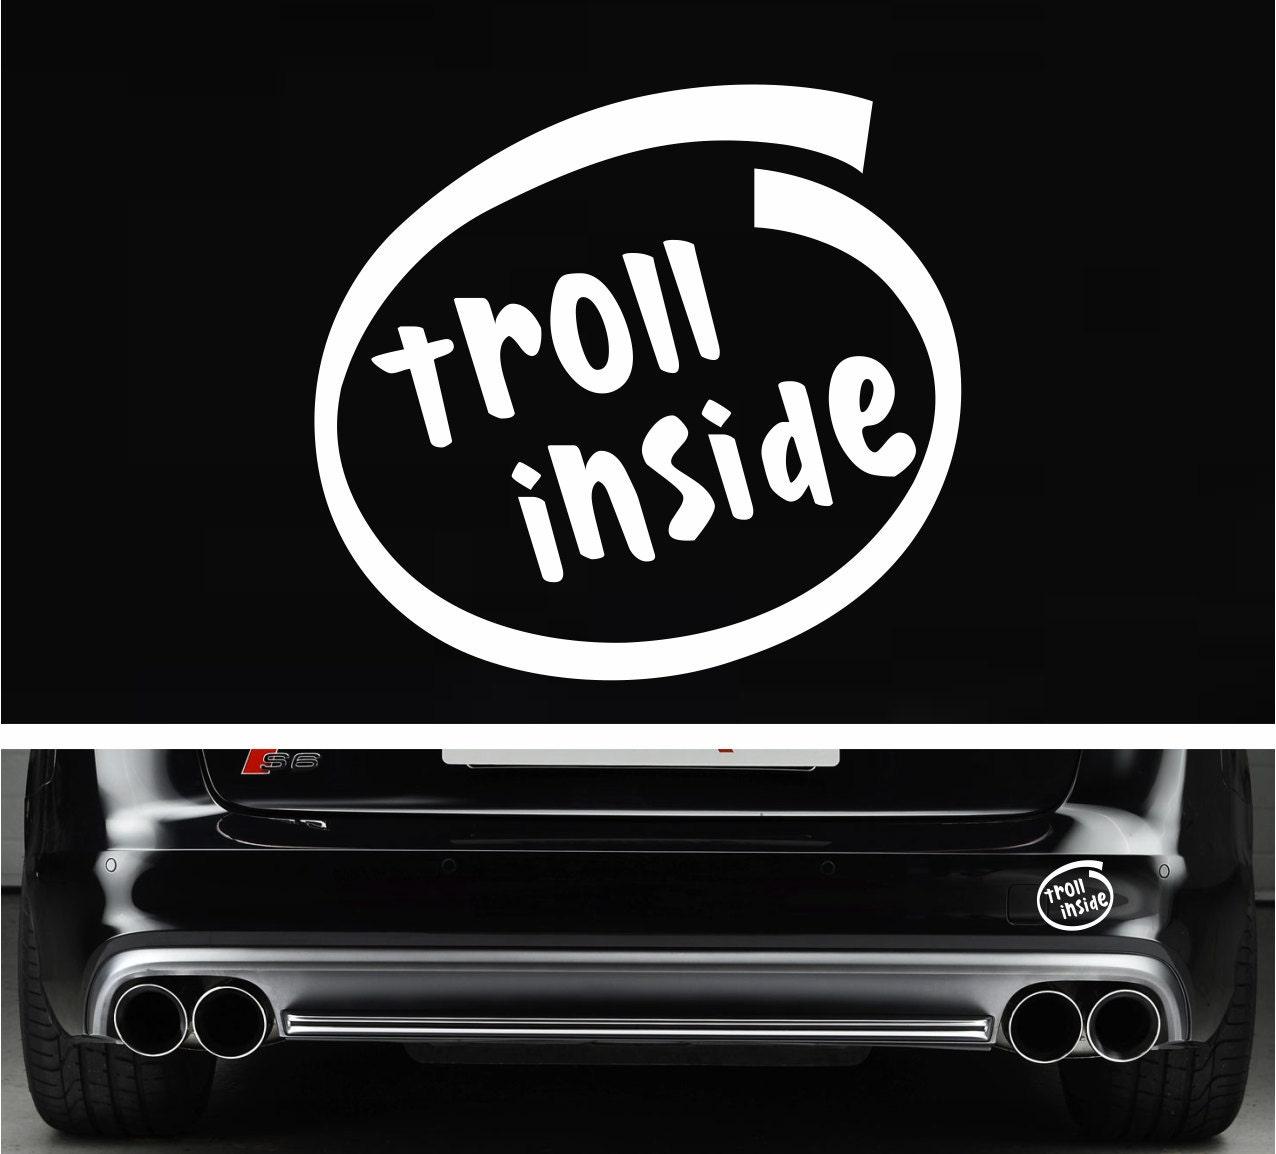 Car bumper sticker design - Troll Inside Funny Bumper Sticker Vinyl Decal Car Truck Decal Troll Sticker Meme Sticker Jdm Decal Dope Decal For Mitsubishi Honda Bmw